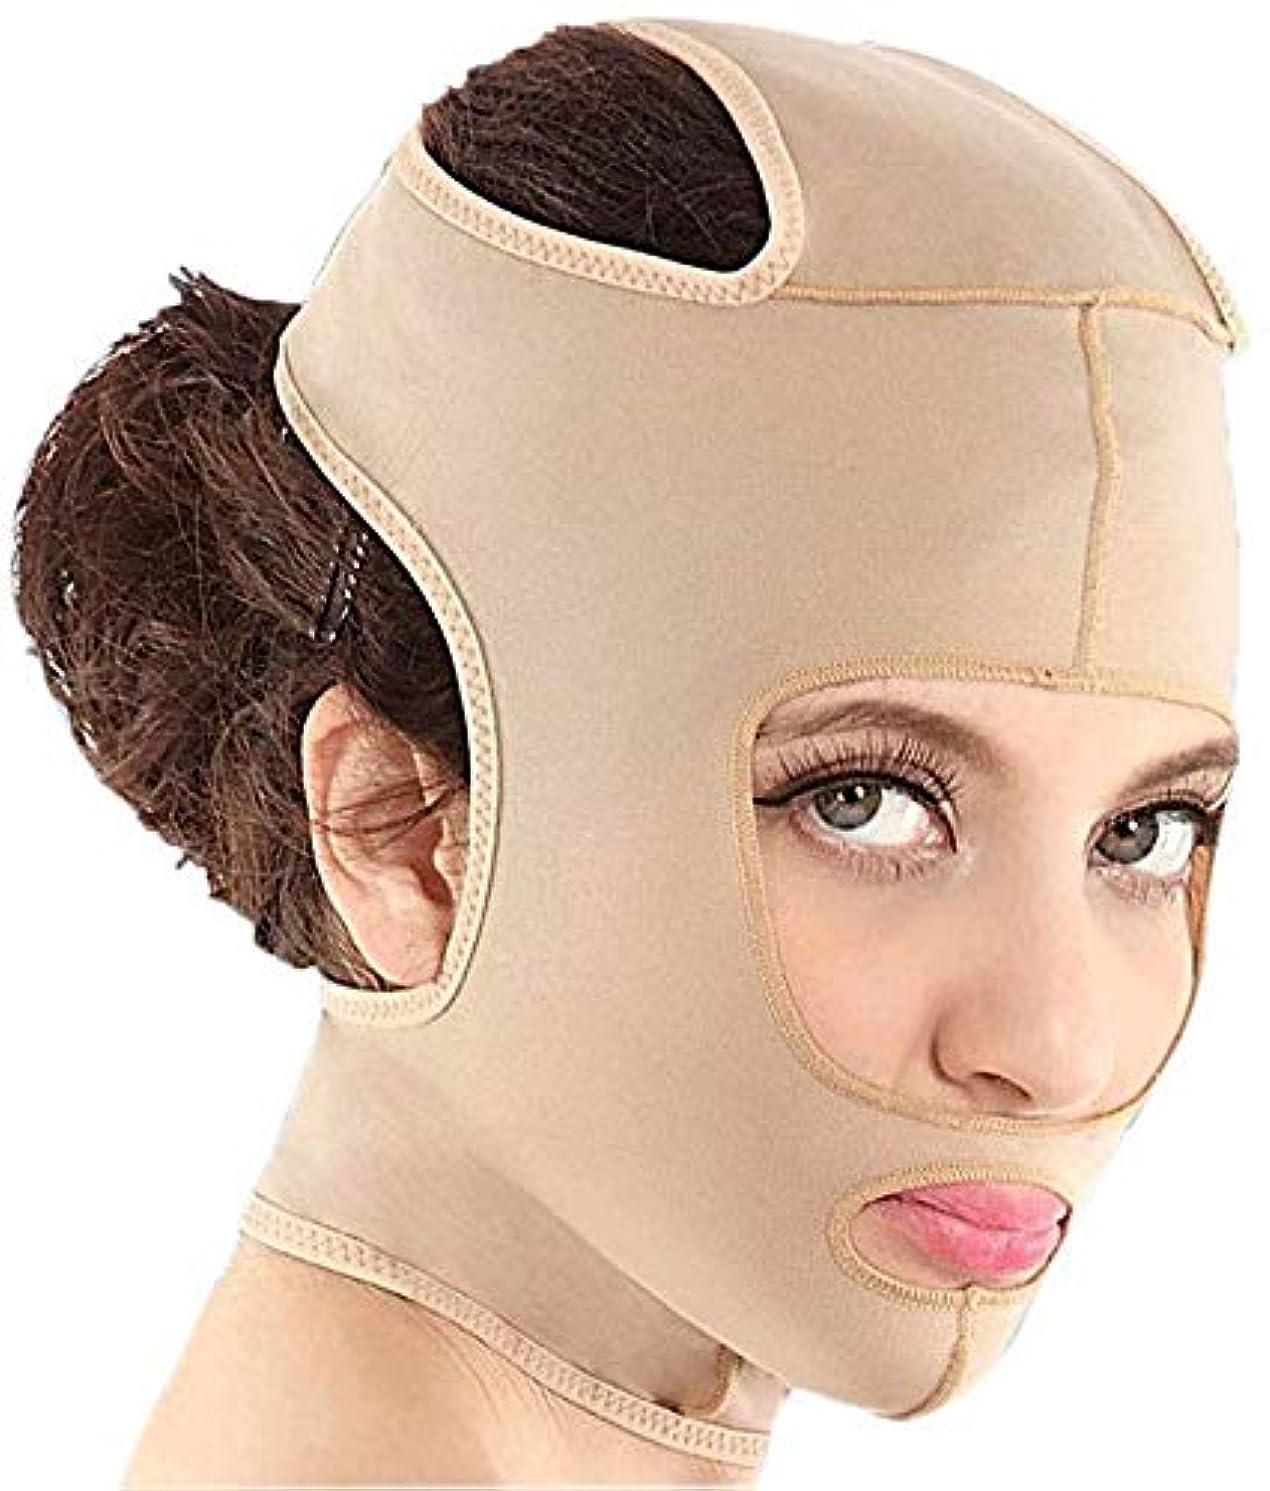 シュリンク午後ガチョウスリミングVフェイスマスク、フェイスリフティングマスク、リフティングスキンリンクルシンダブルチンシンフェイスバンデージ改善して肌のたるみ(サイズ:L)